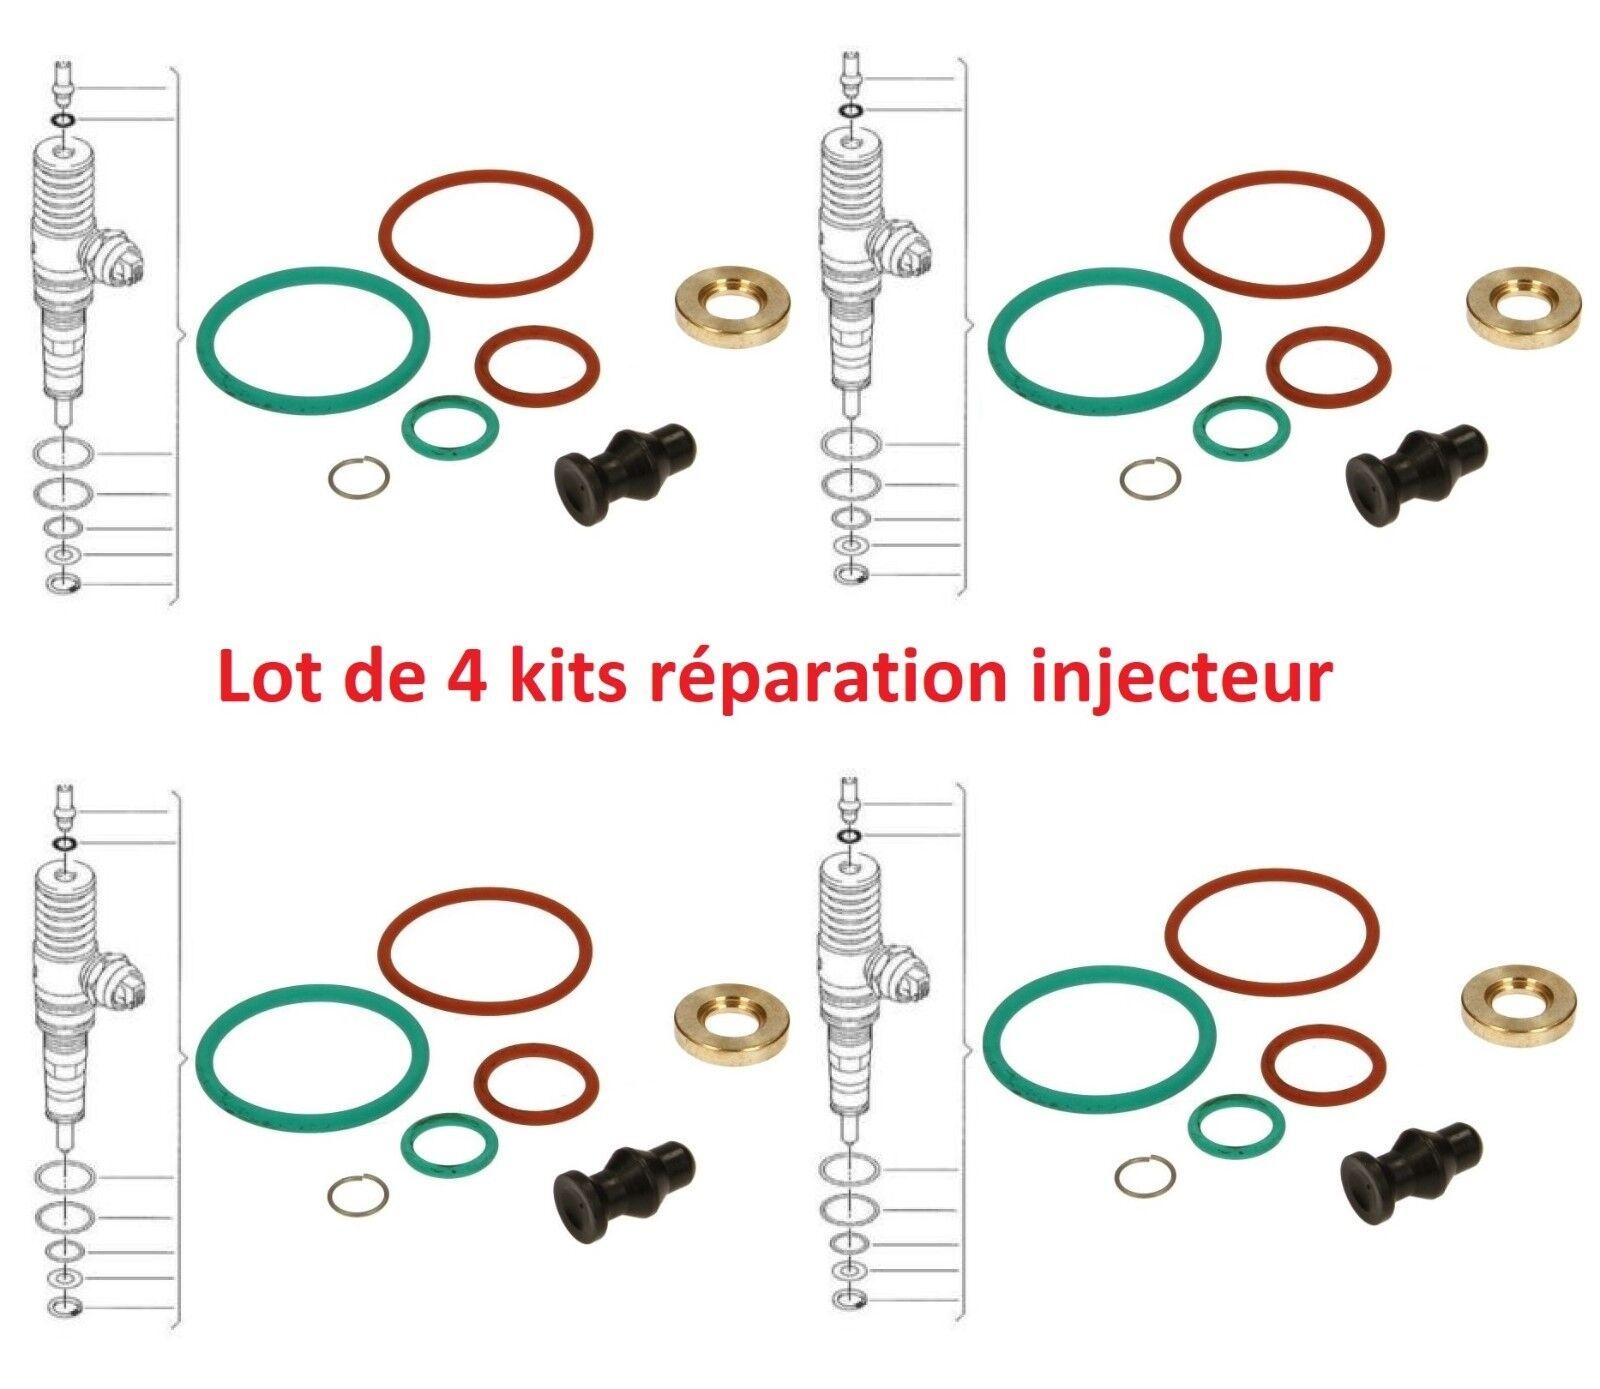 Kit réparation joint injecteur Audi A3 8L1 1.9 TDI 1896 ccm 130 PS 96 KW